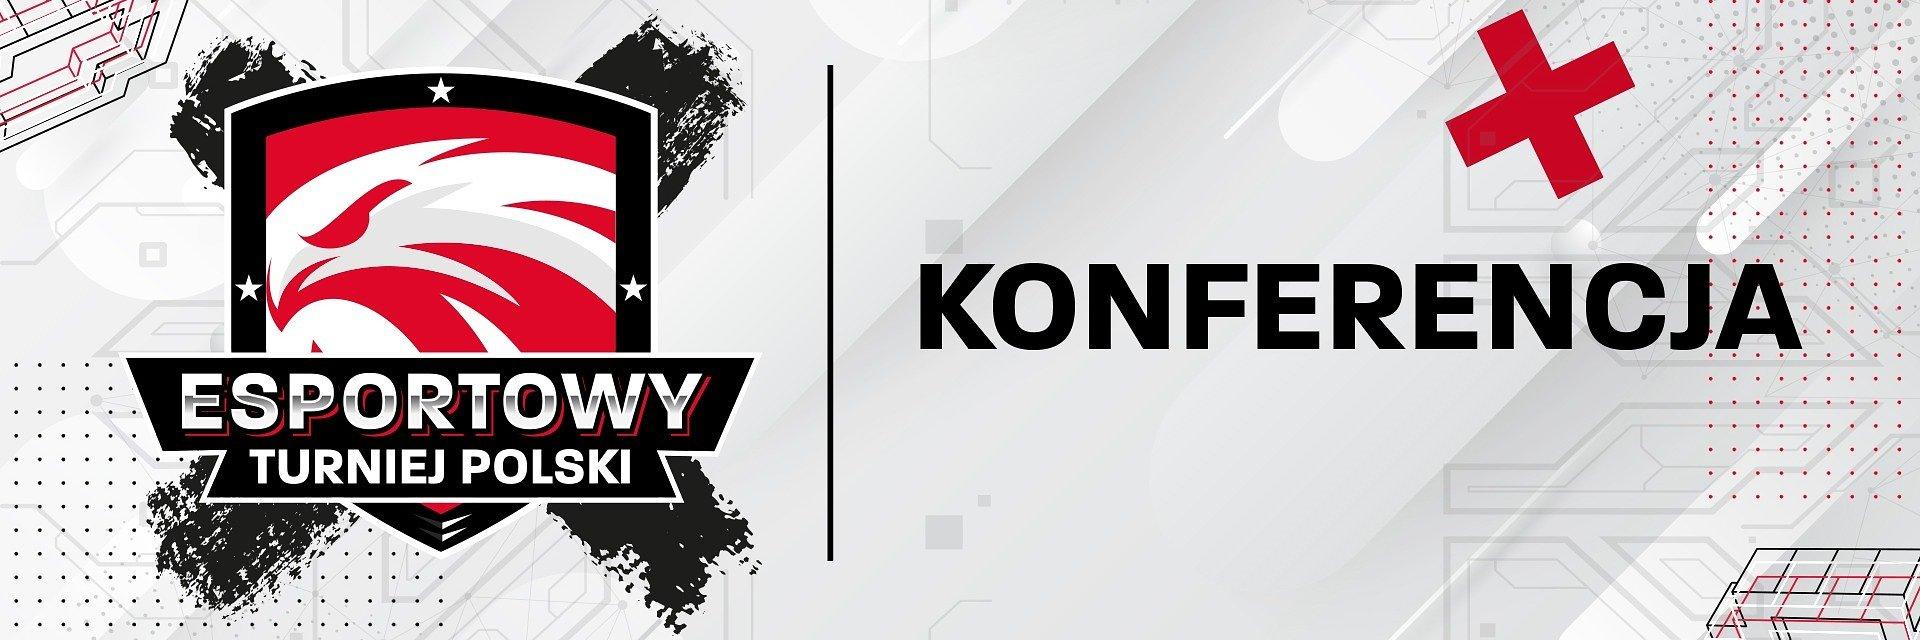 Centrum GovTech zaprasza na konferencję poświęconą wsparciu branży gier i kreatywnej w Polsce